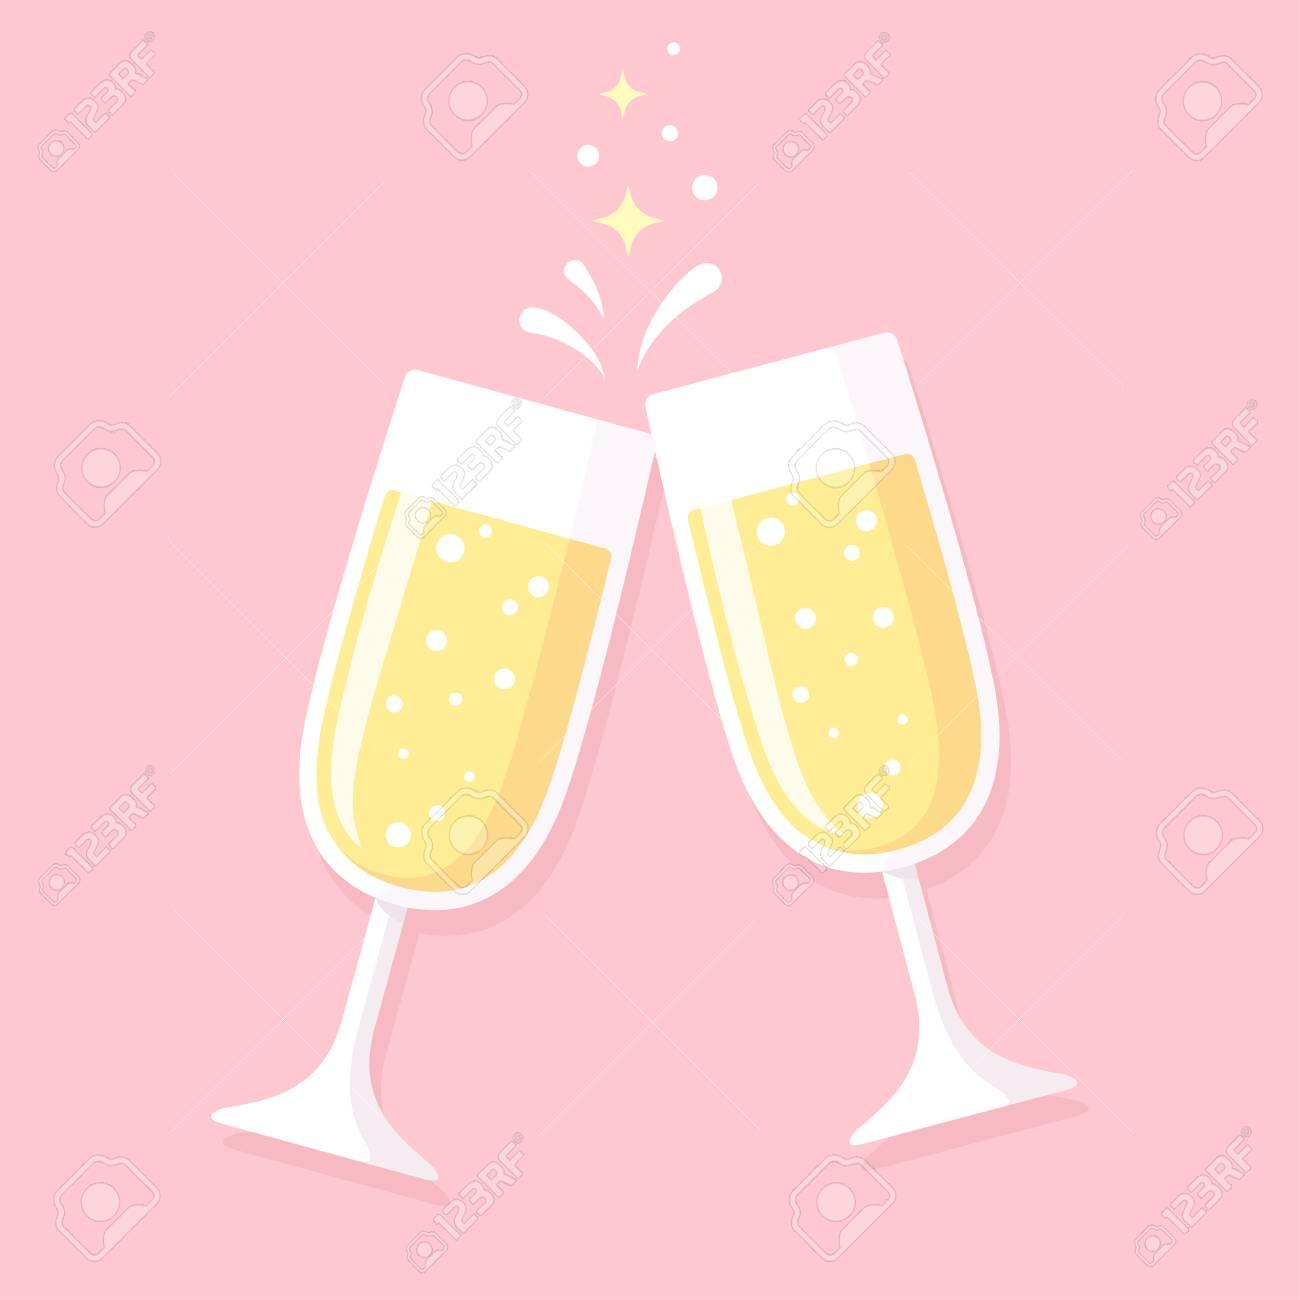 Prost Zwei Glaser Champagner Auf Rosa Hintergrund Hochzeit